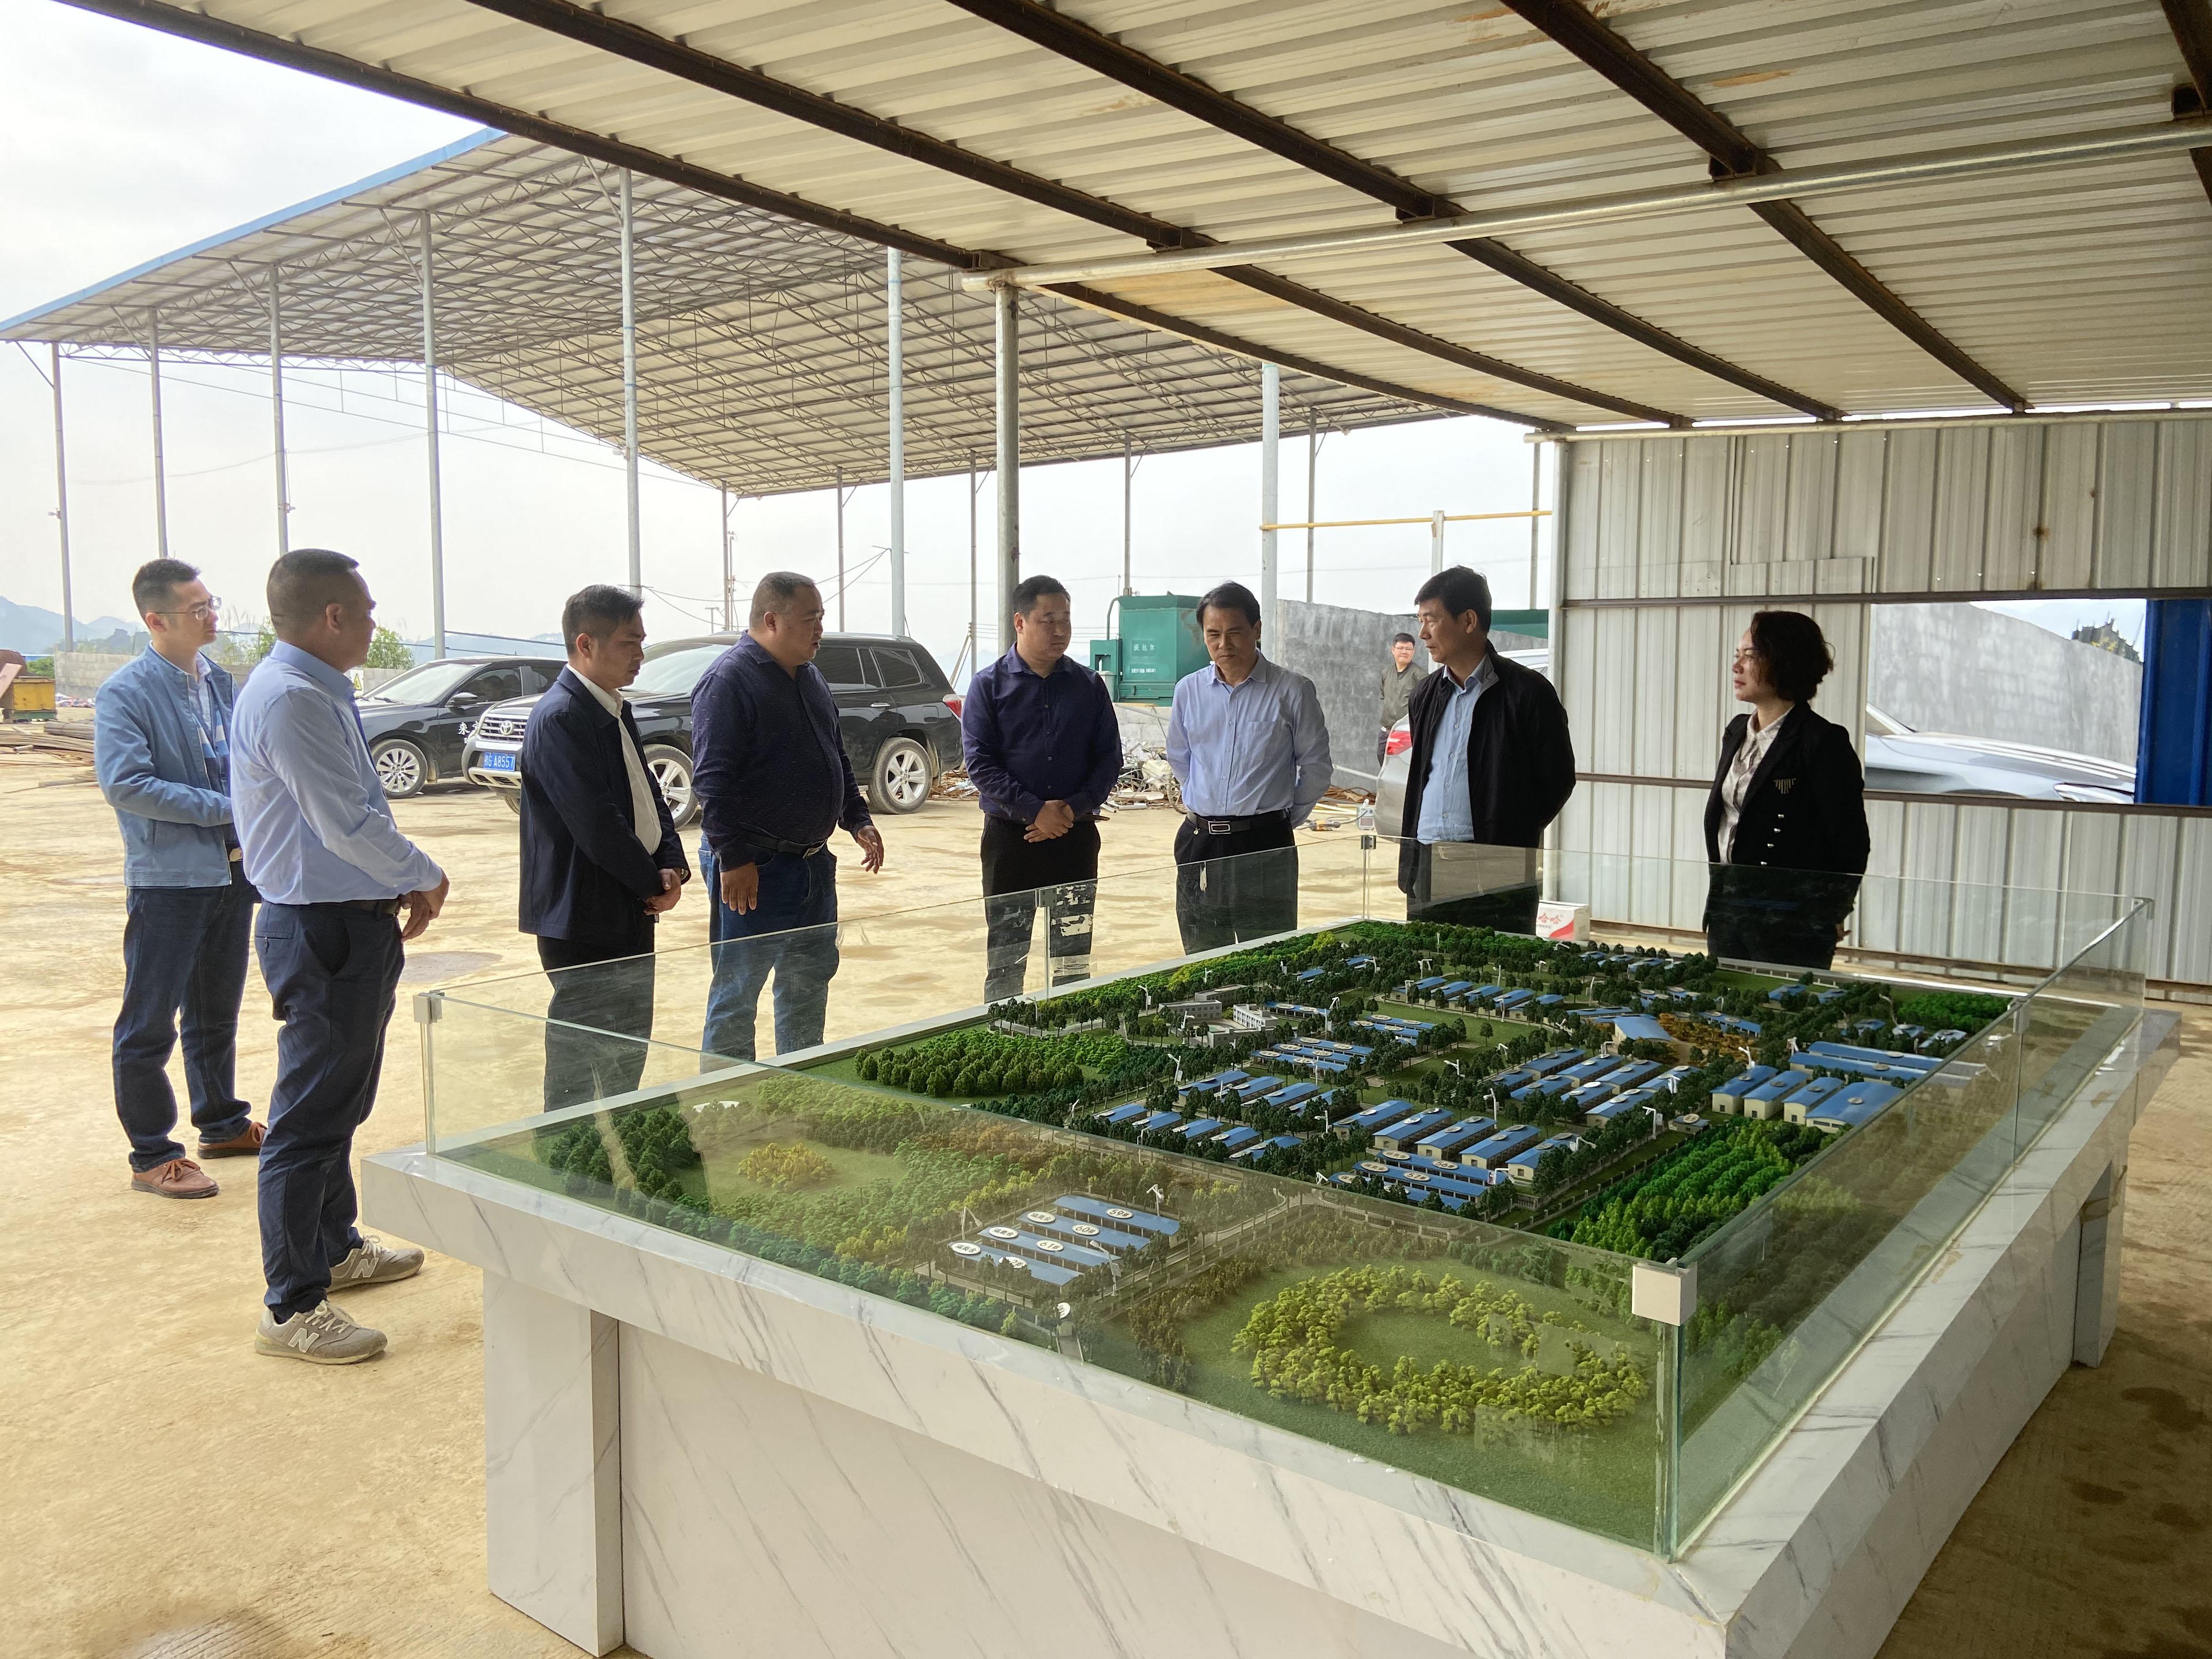 來賓市副市長鄧應文一行蒞臨忻城縣古香國家級種羊示范基地參觀指導